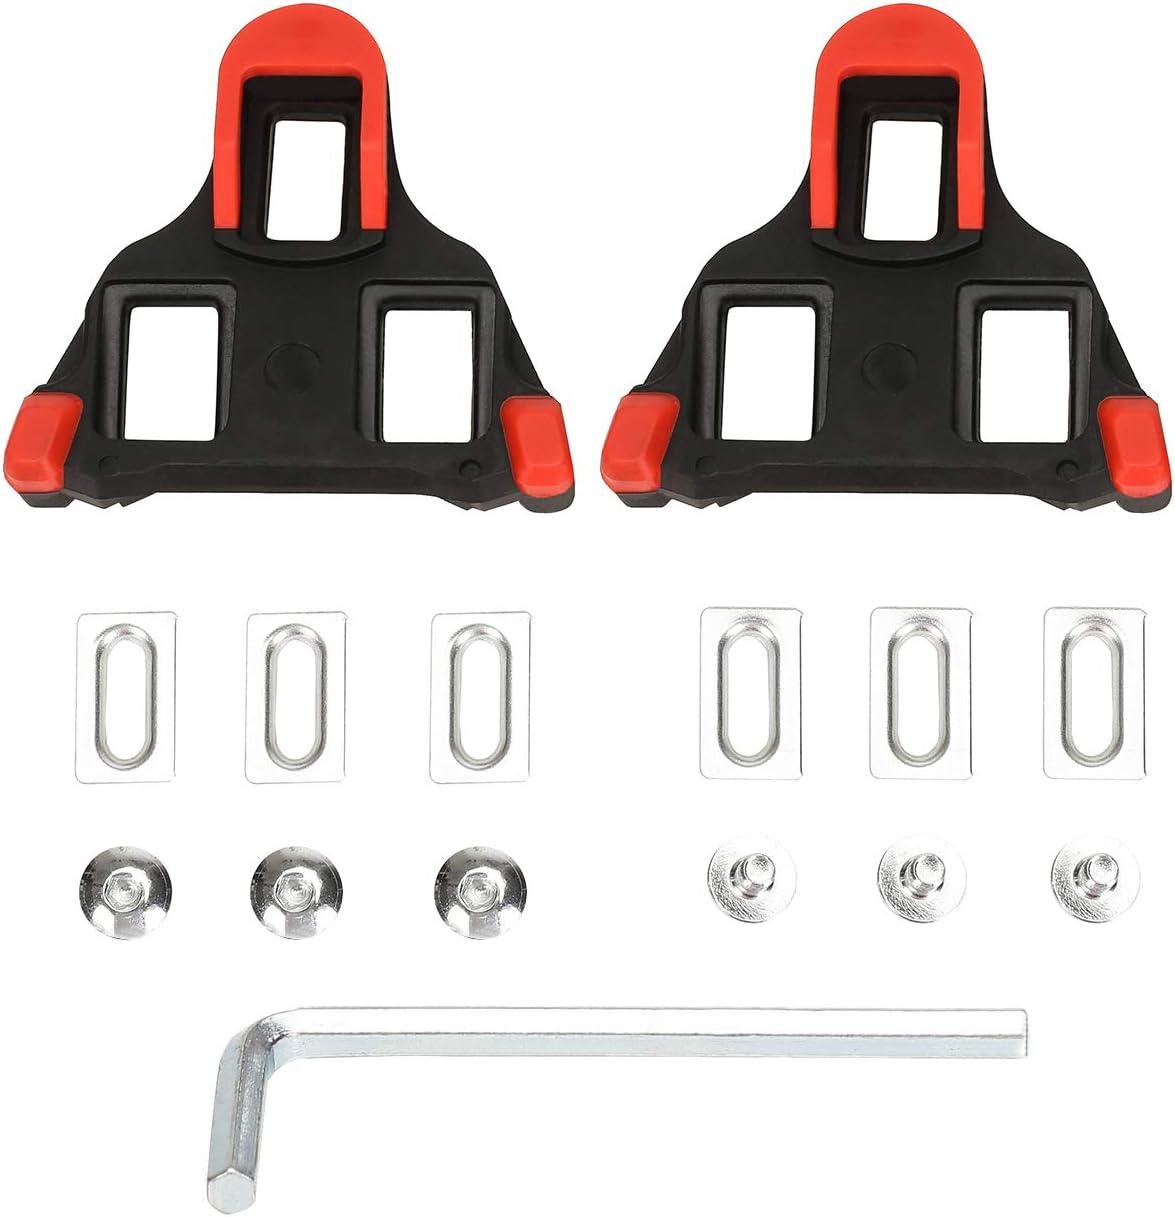 Juego de tacos para bicicleta autobloqueantes, para ciclismo y bicicleta de carretera, compatible con zapatos Shimano/&Look #81539 Beststar